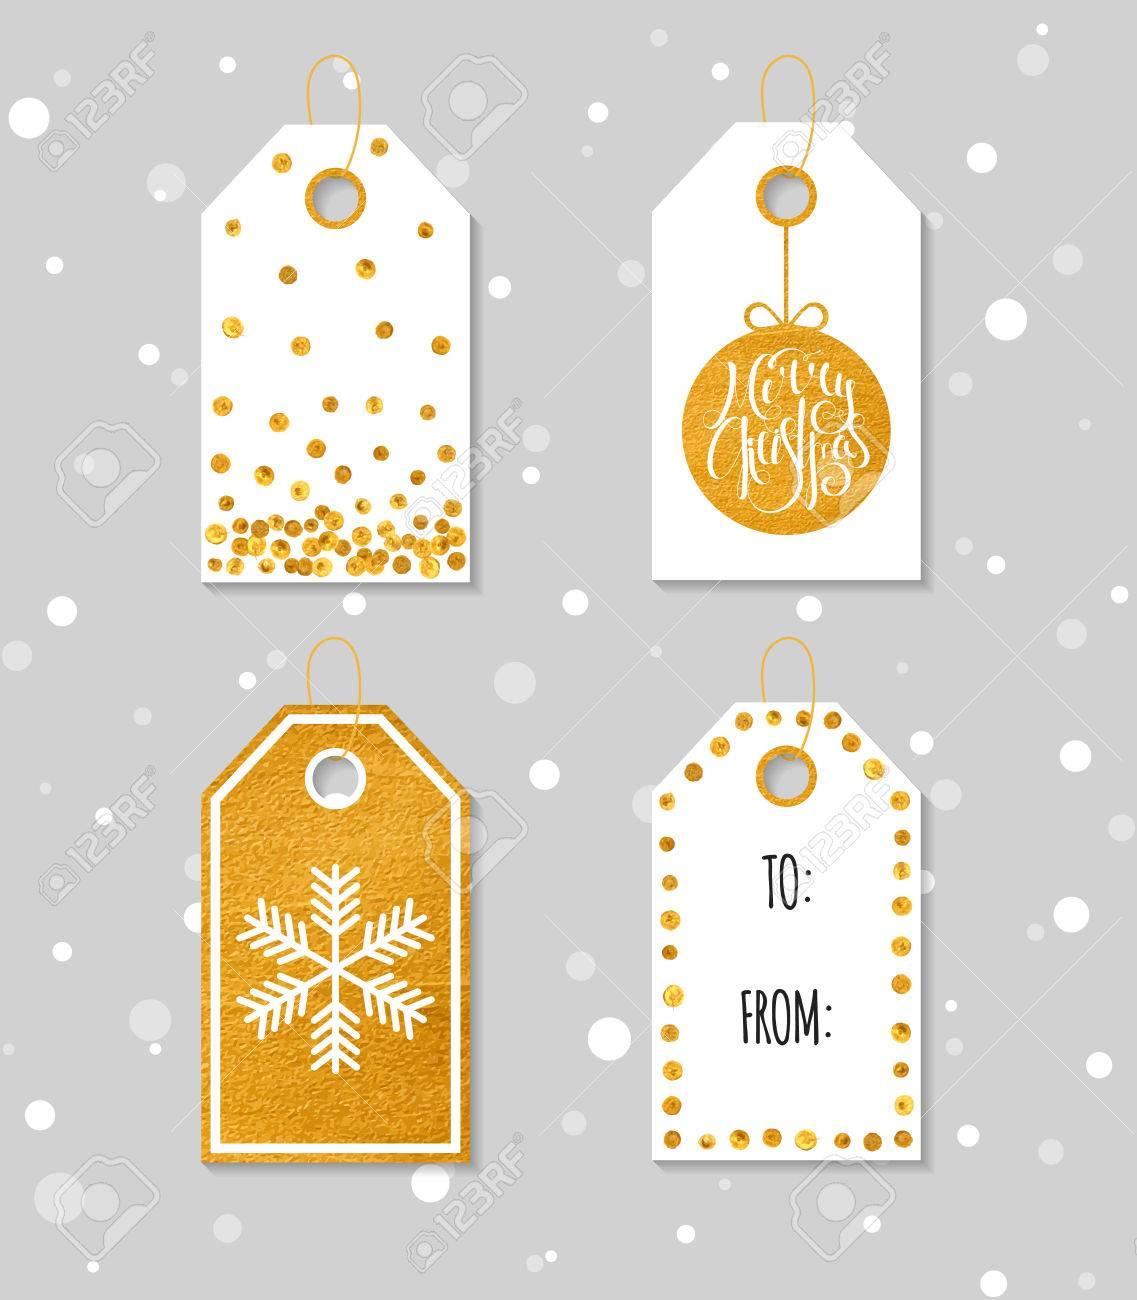 Collection De Quatre Or Texture Noël Et Nouvel An Étiquettes Cadeaux.  Ensemble De Étiquette De Cadeau De Fête, Autocollant Et De L'étiquette.  Modèle à Etiquette Pour Cadeau De Noel